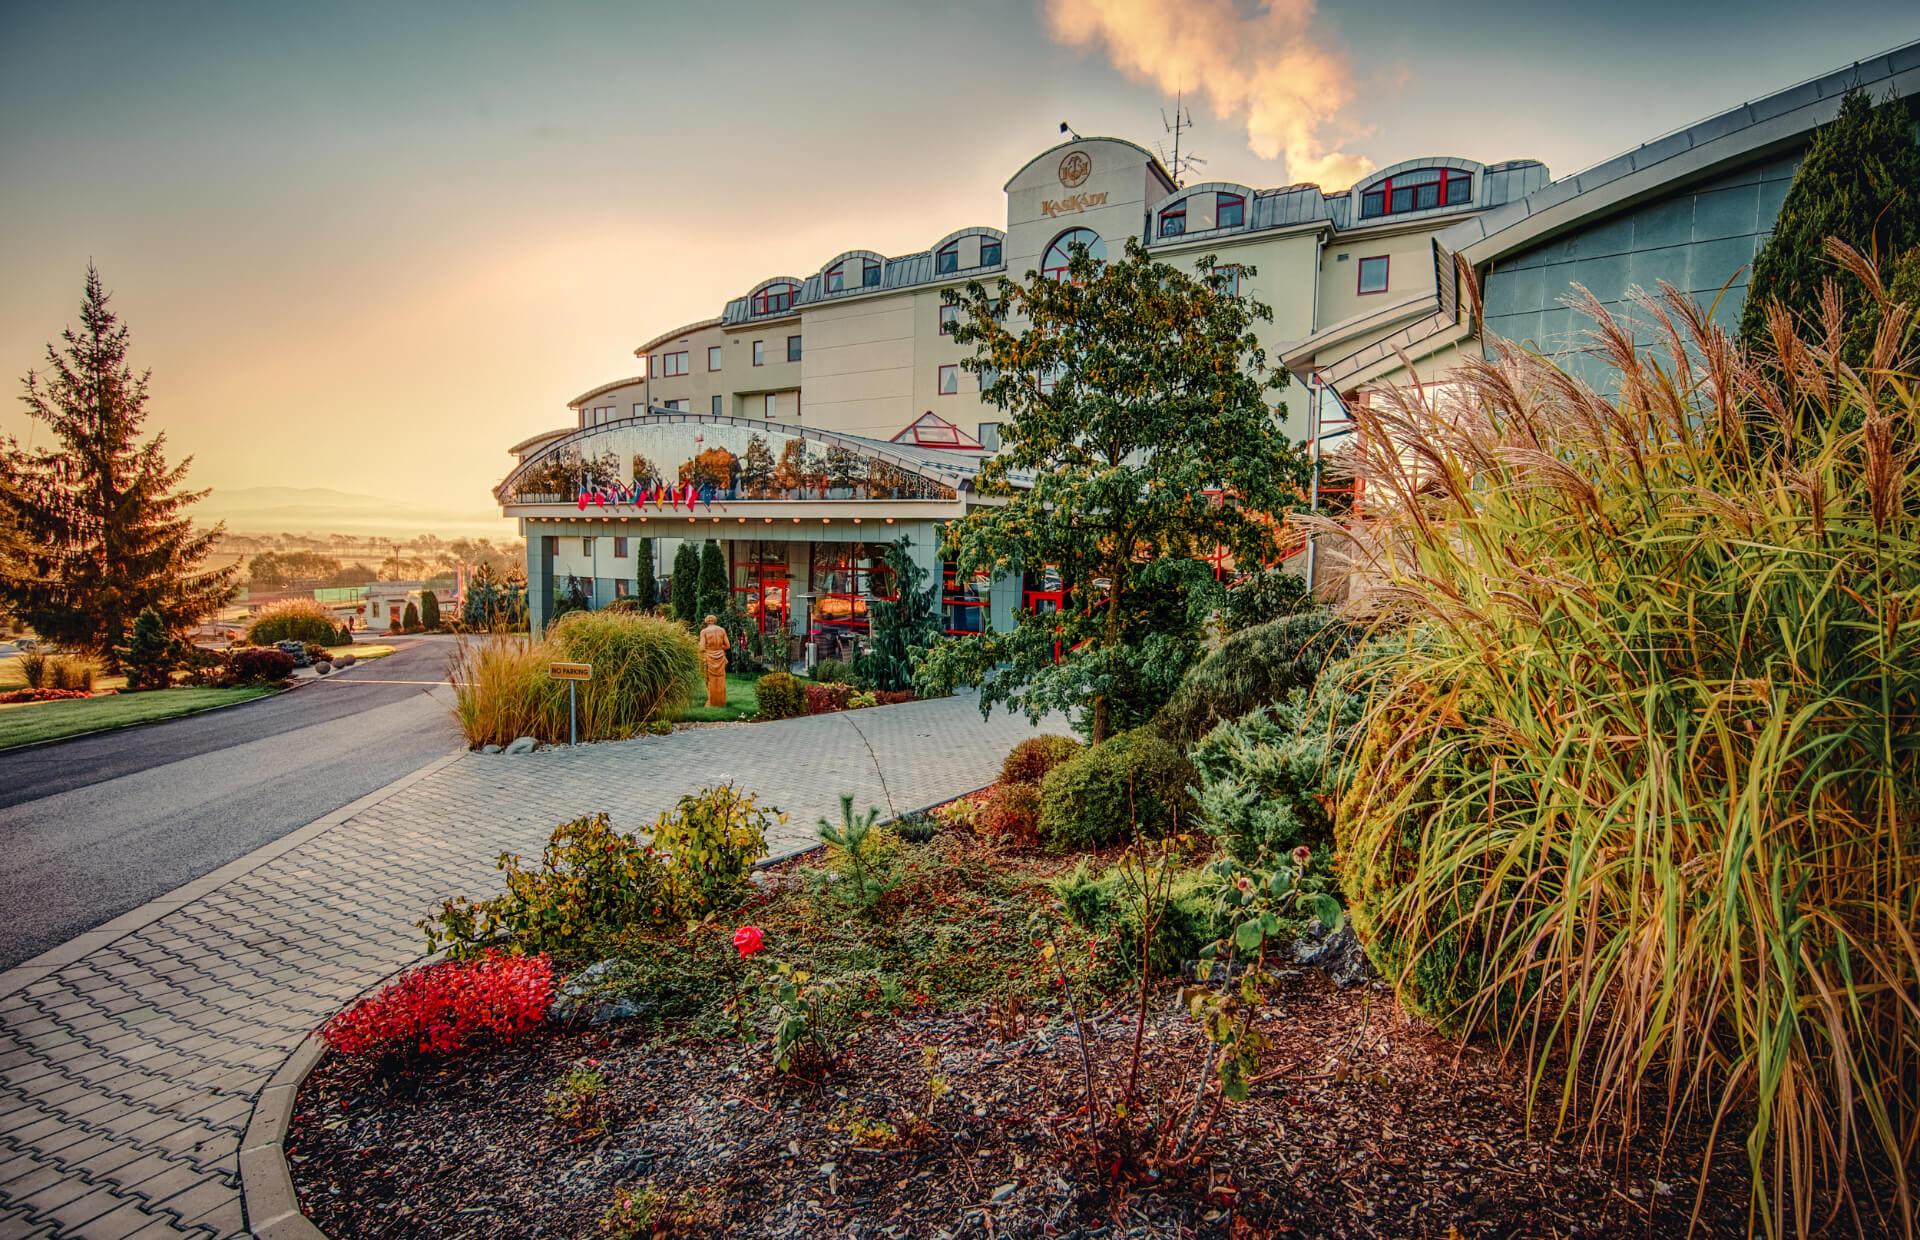 Hotel a Spa Resort Kaskady - vchod